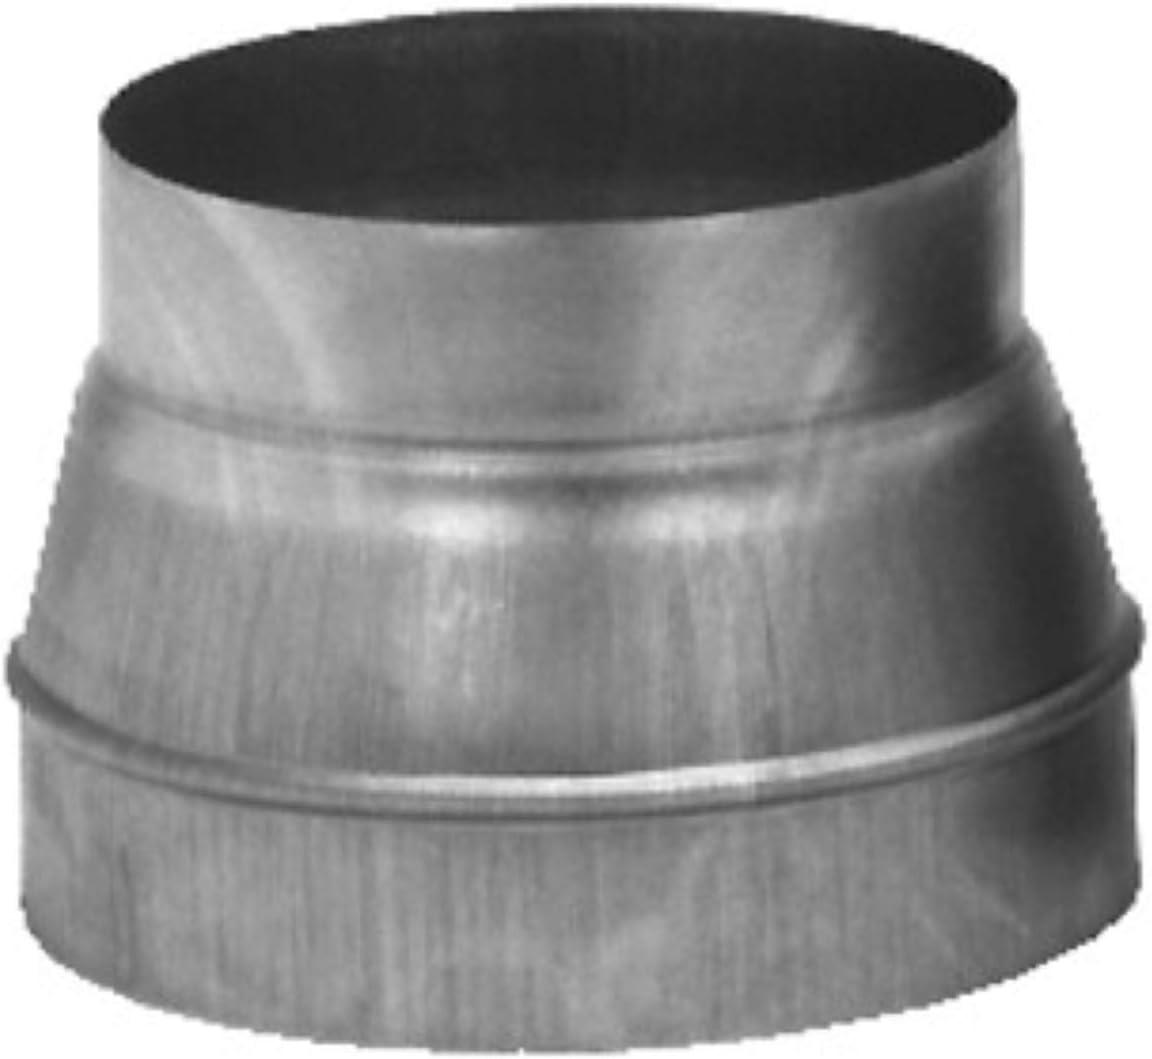 r/éduction conique diam/ètre 250 vers 160 en galva unelvent 860797